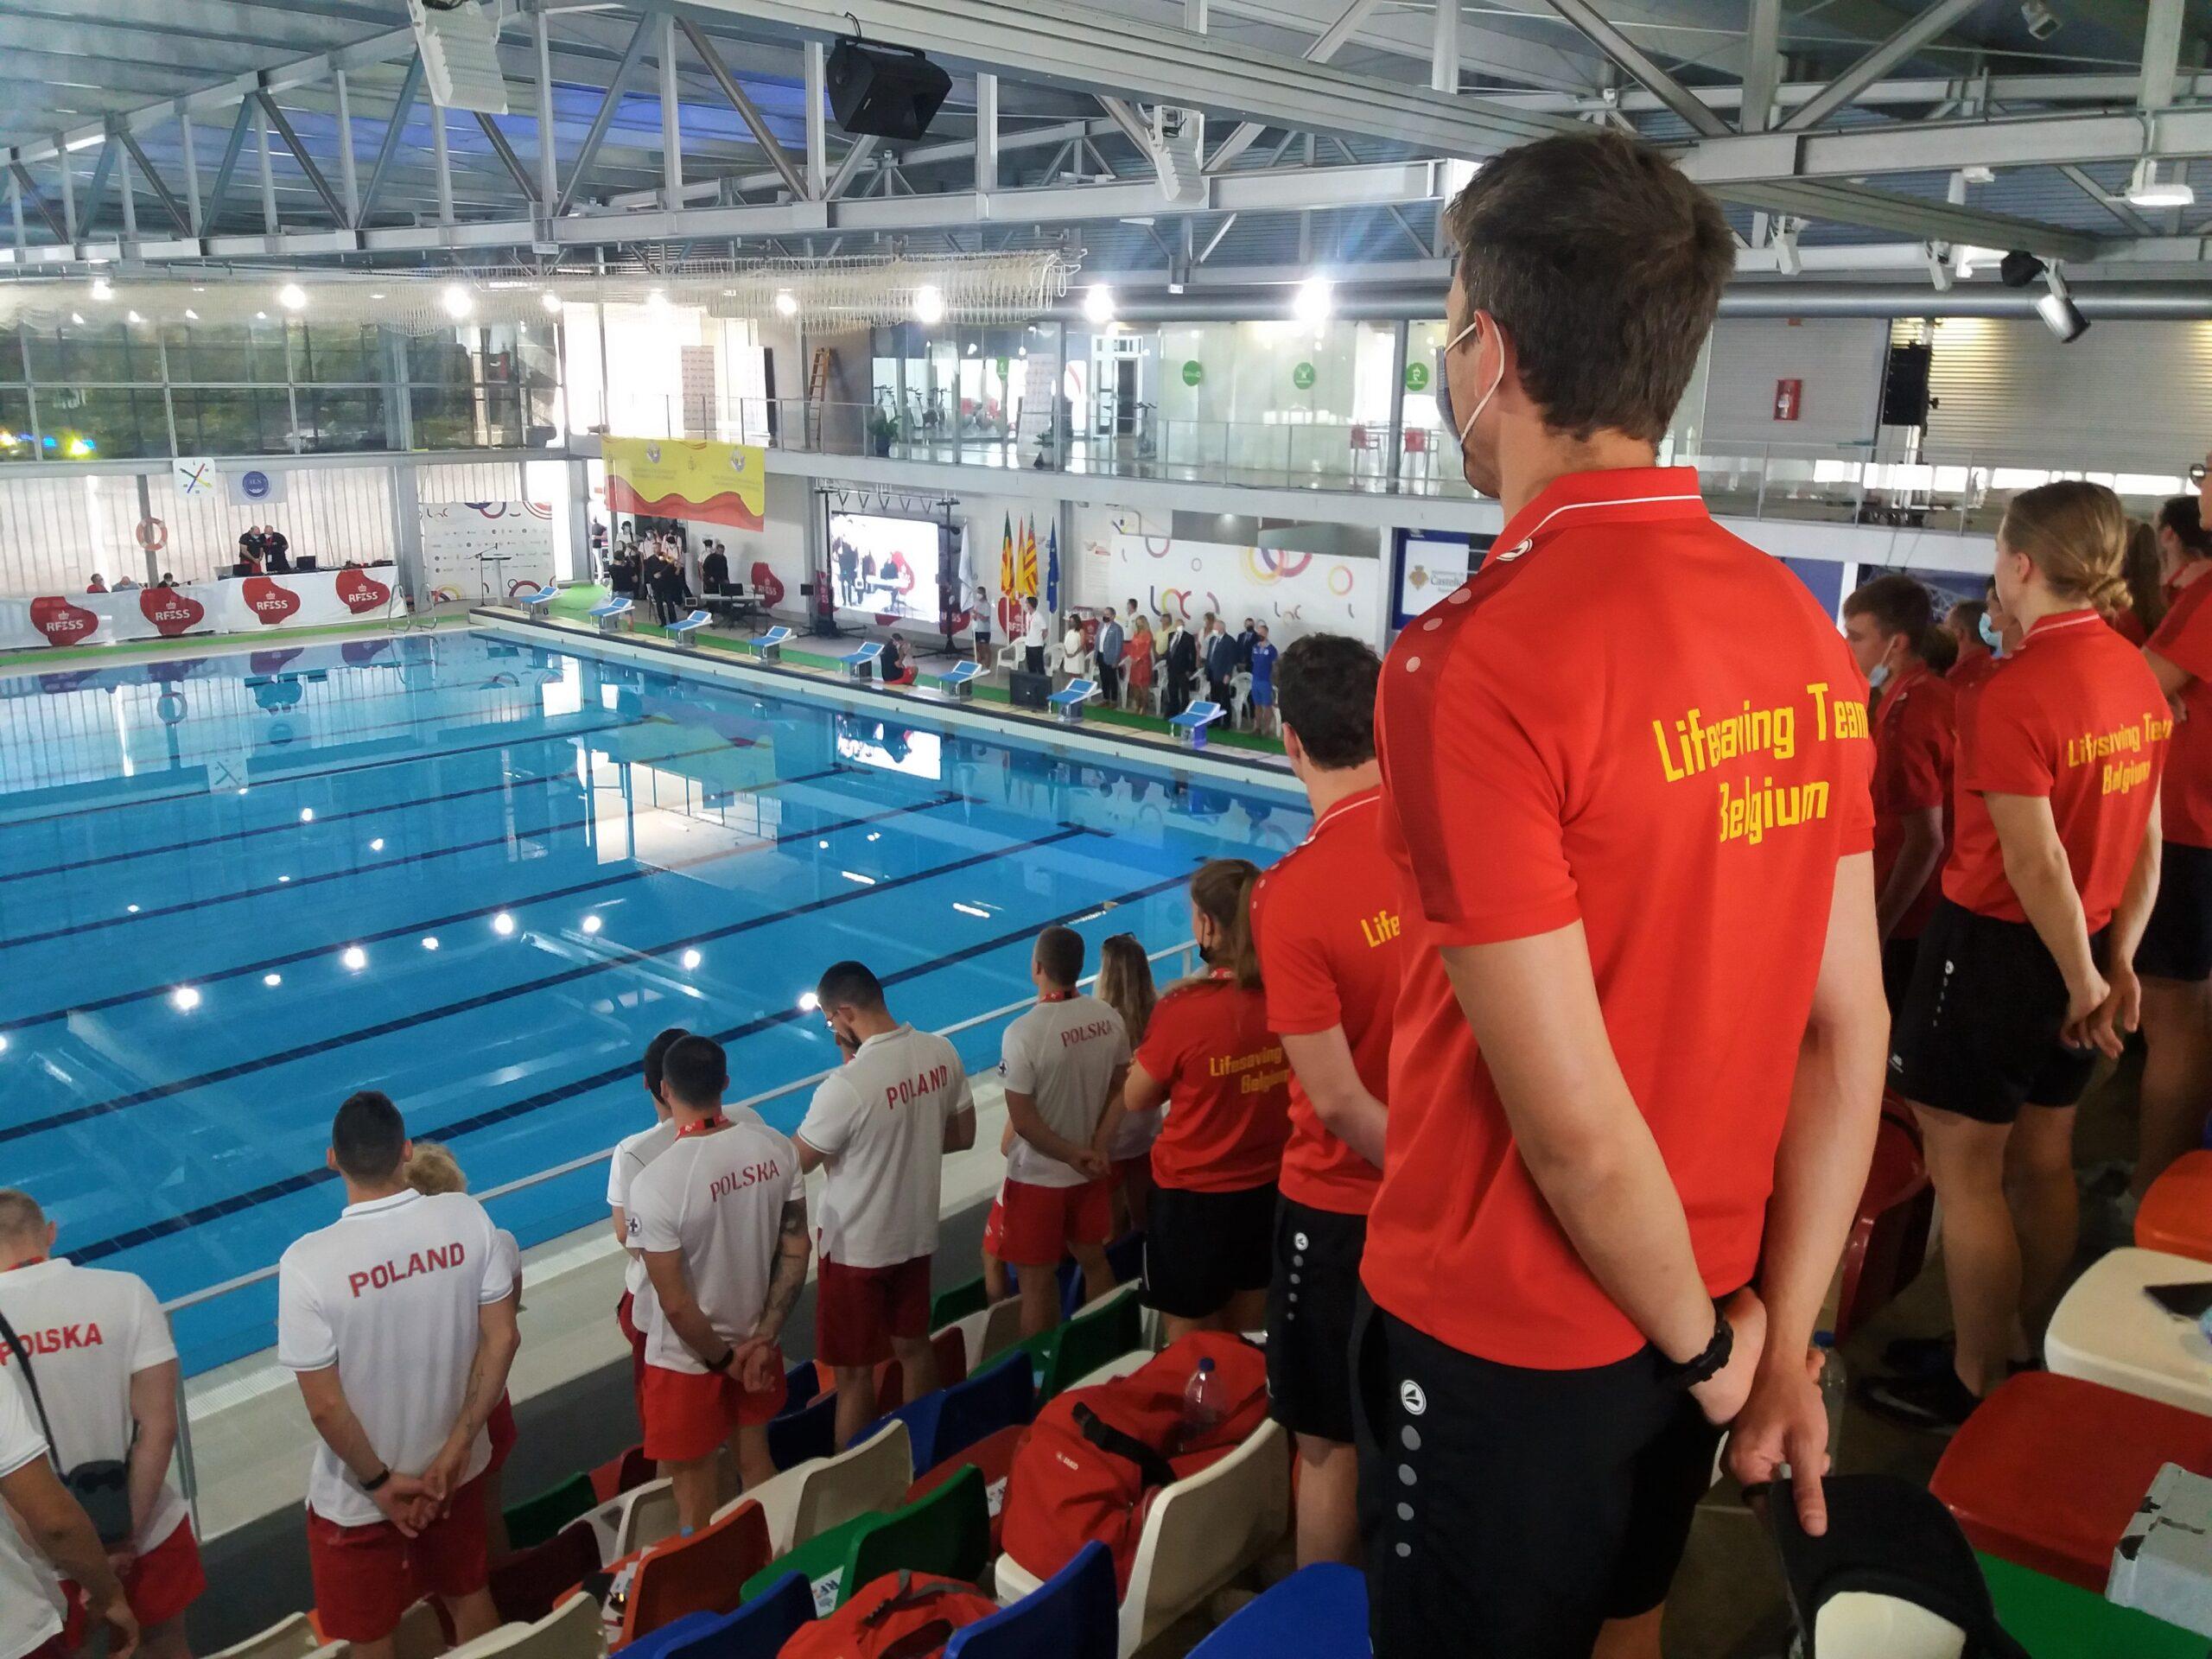 InturSports - XIV Europeo de Salvamento y Socorrismo